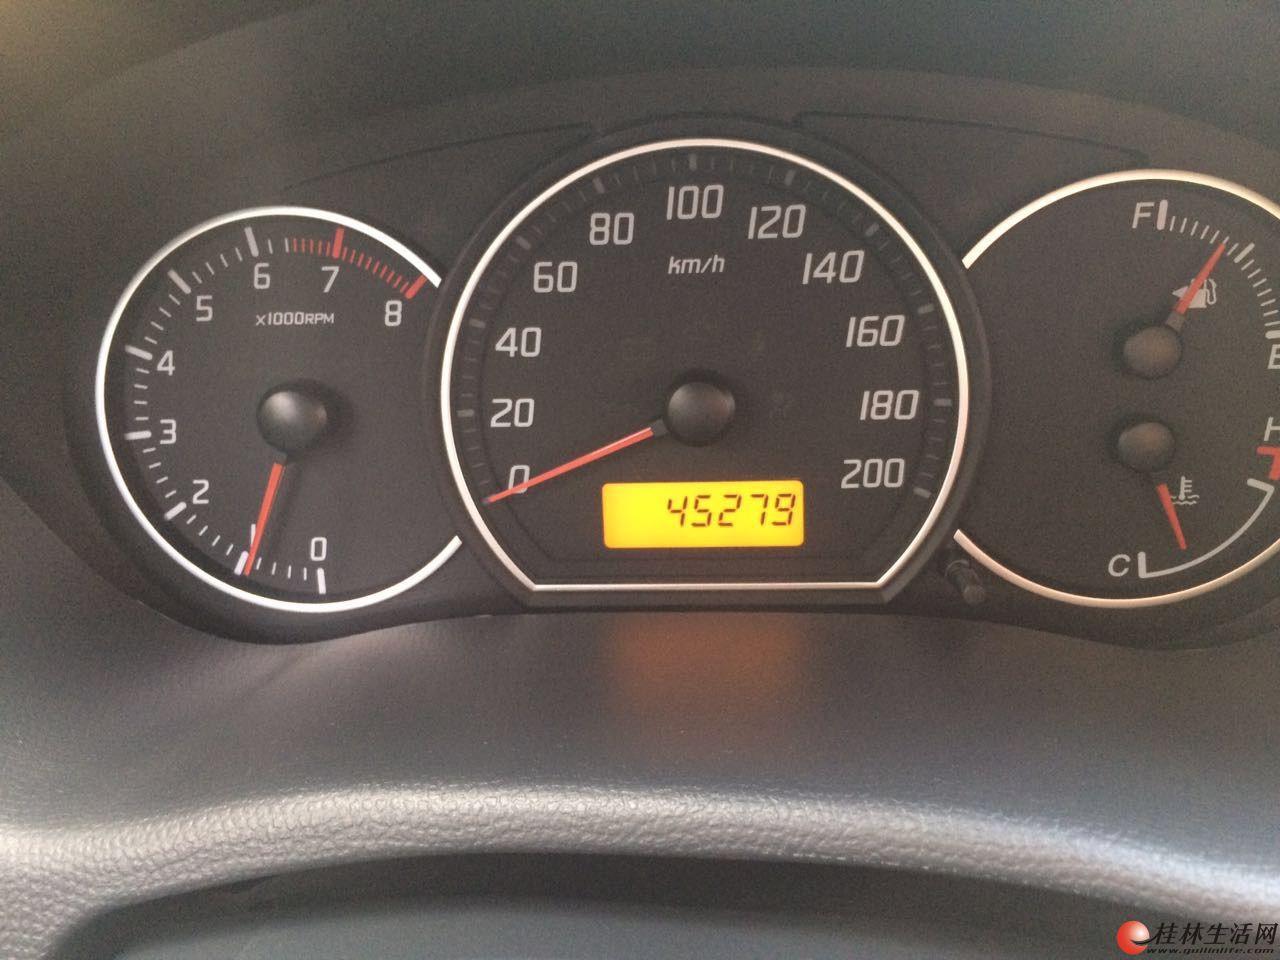 2013款1.3L手动超值 - 铃木雨燕赠保险3.7万,具体商议。超值!超值!